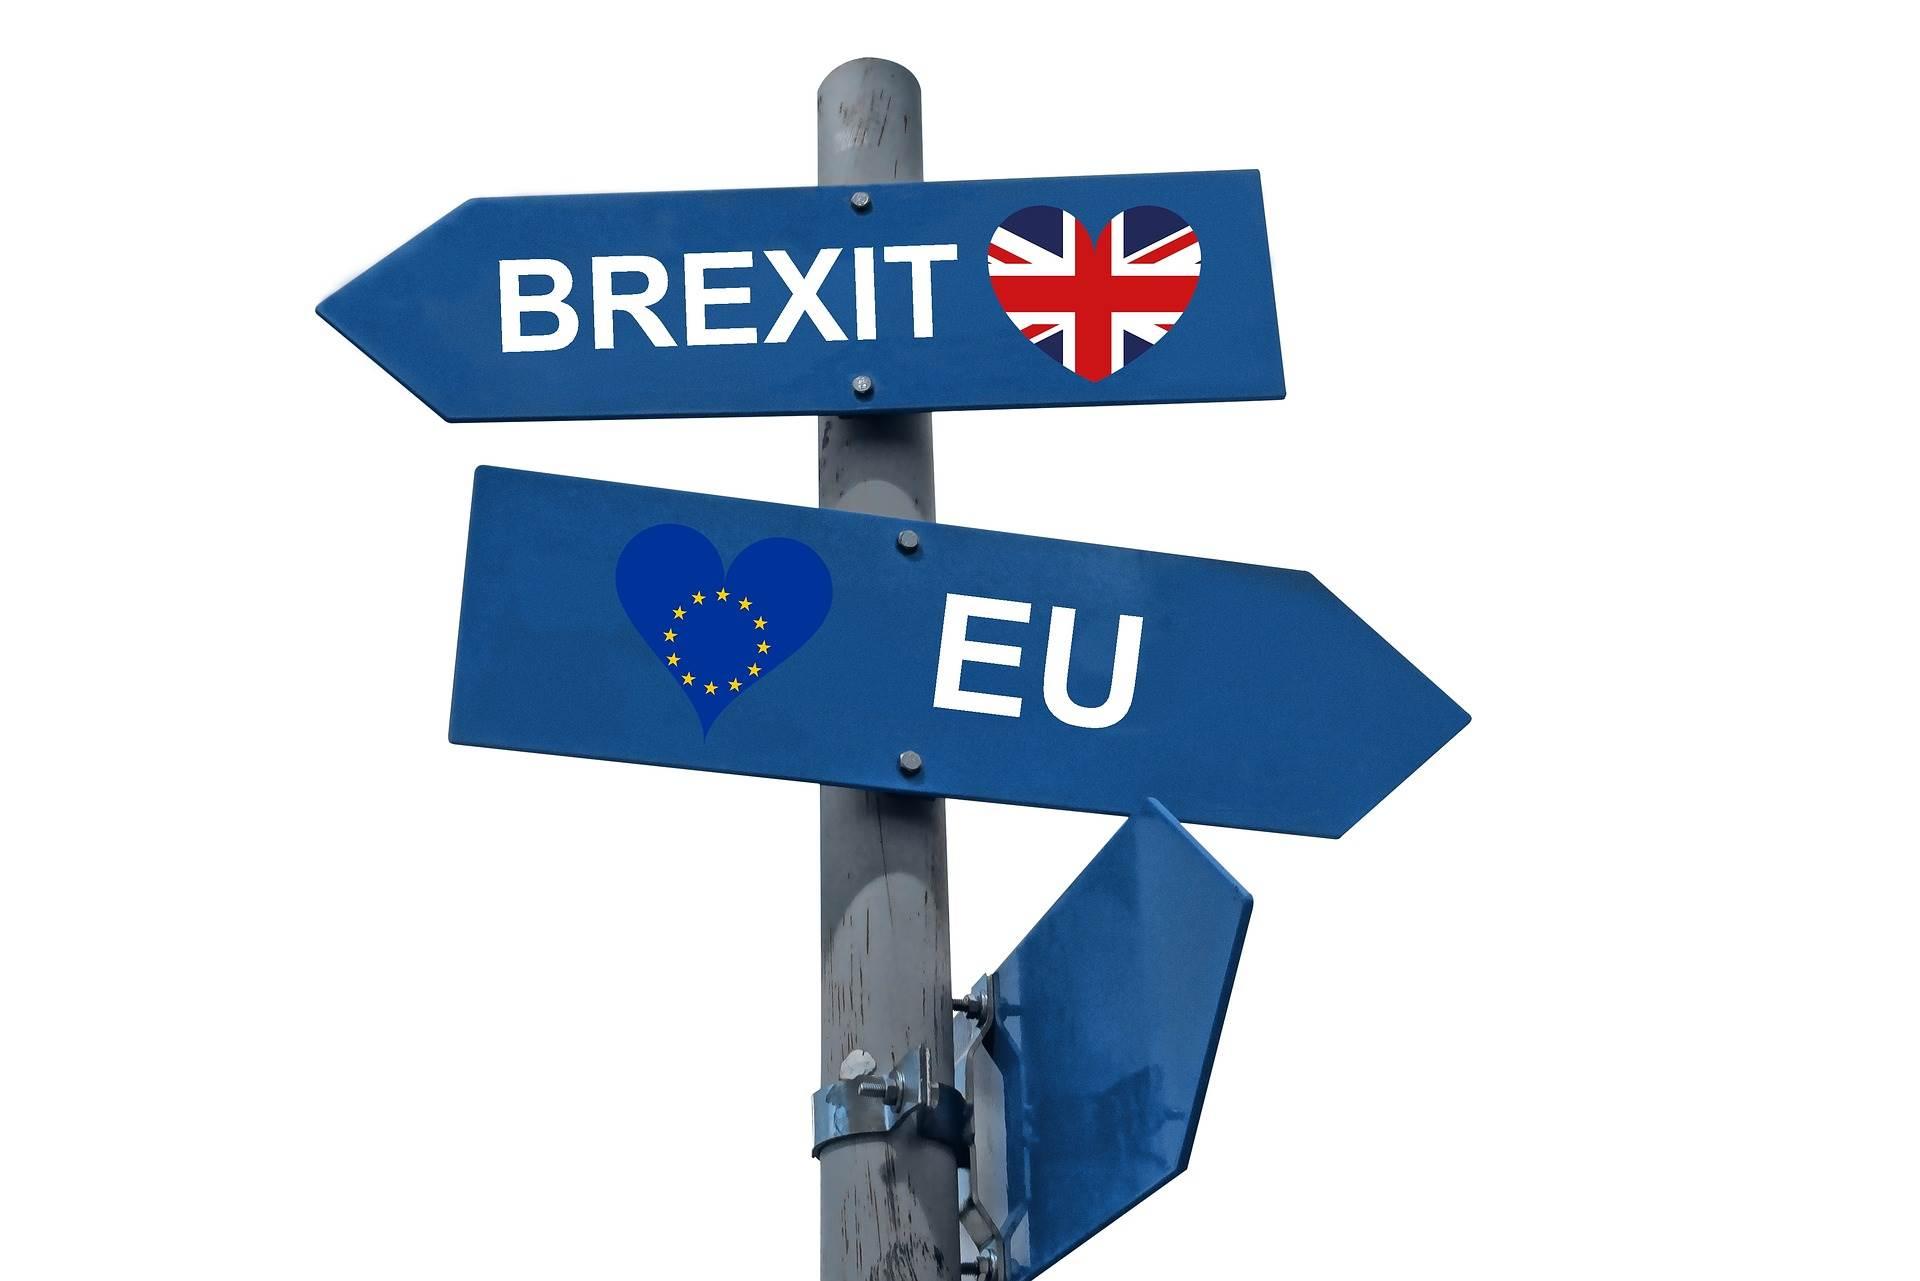 Acuerdo con el Brexit